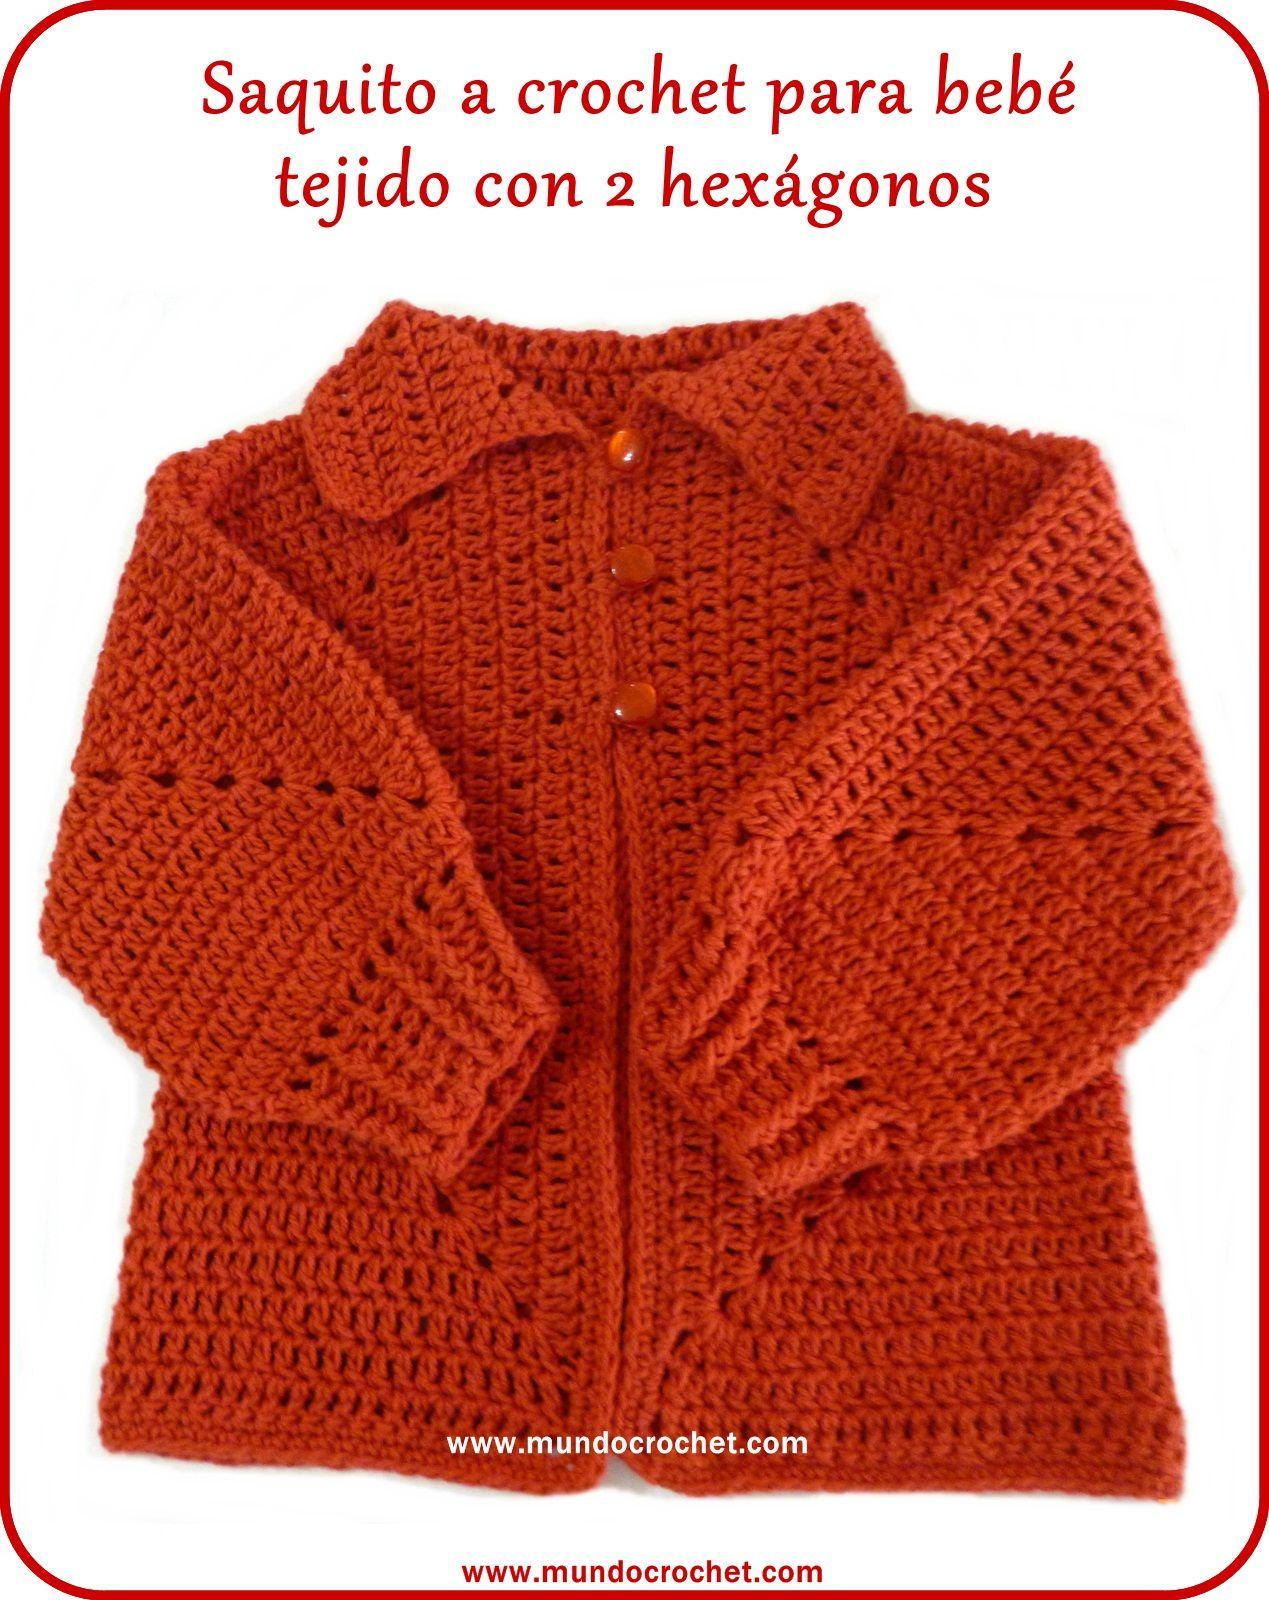 Saquito a crochet para bebé tejido con 2 hexágonos sin calado ...